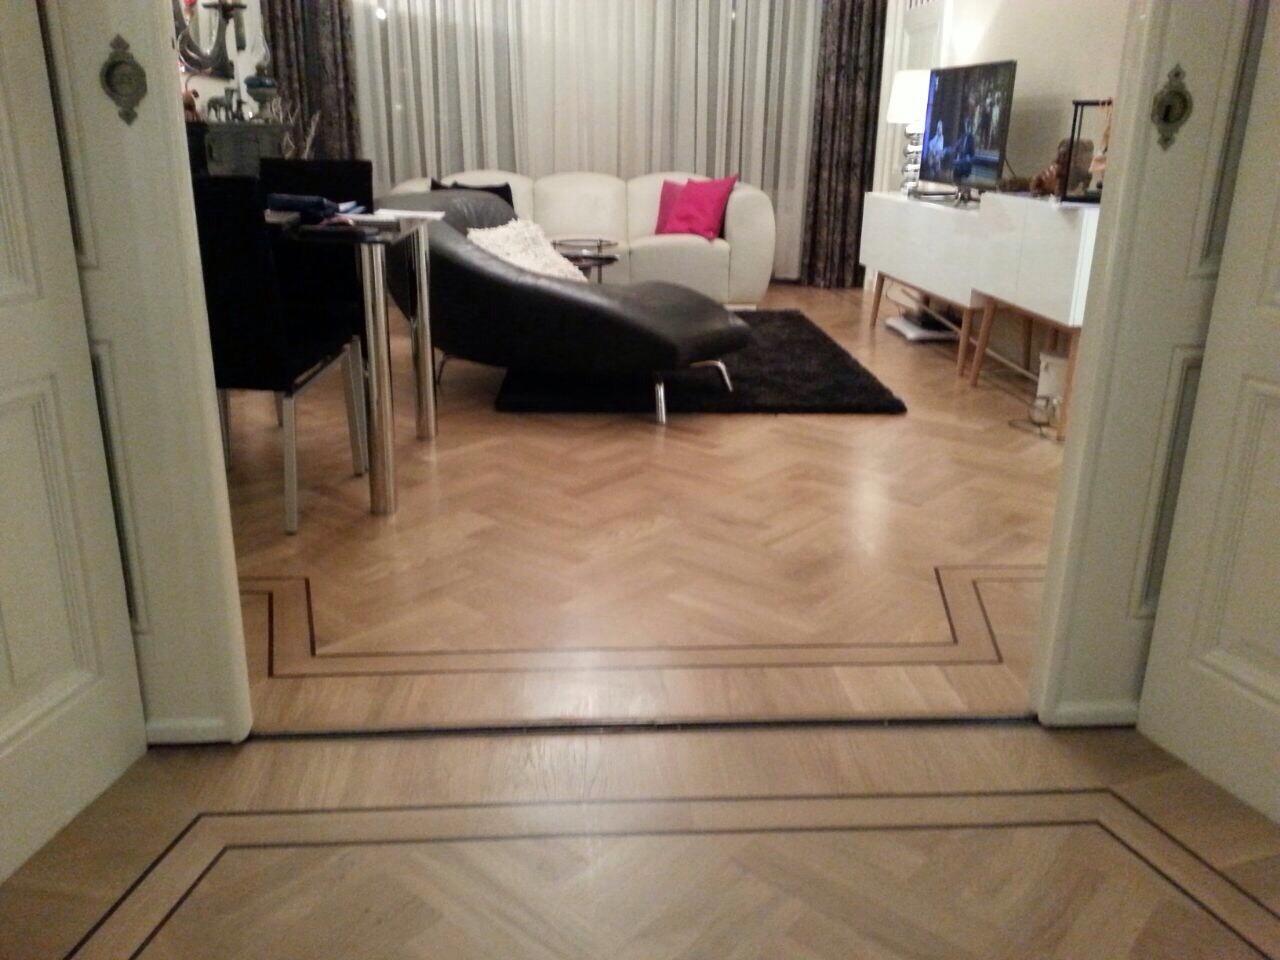 Visgraatvloer amsterdam visgraatvloer - Moderne betegelde vloer ...